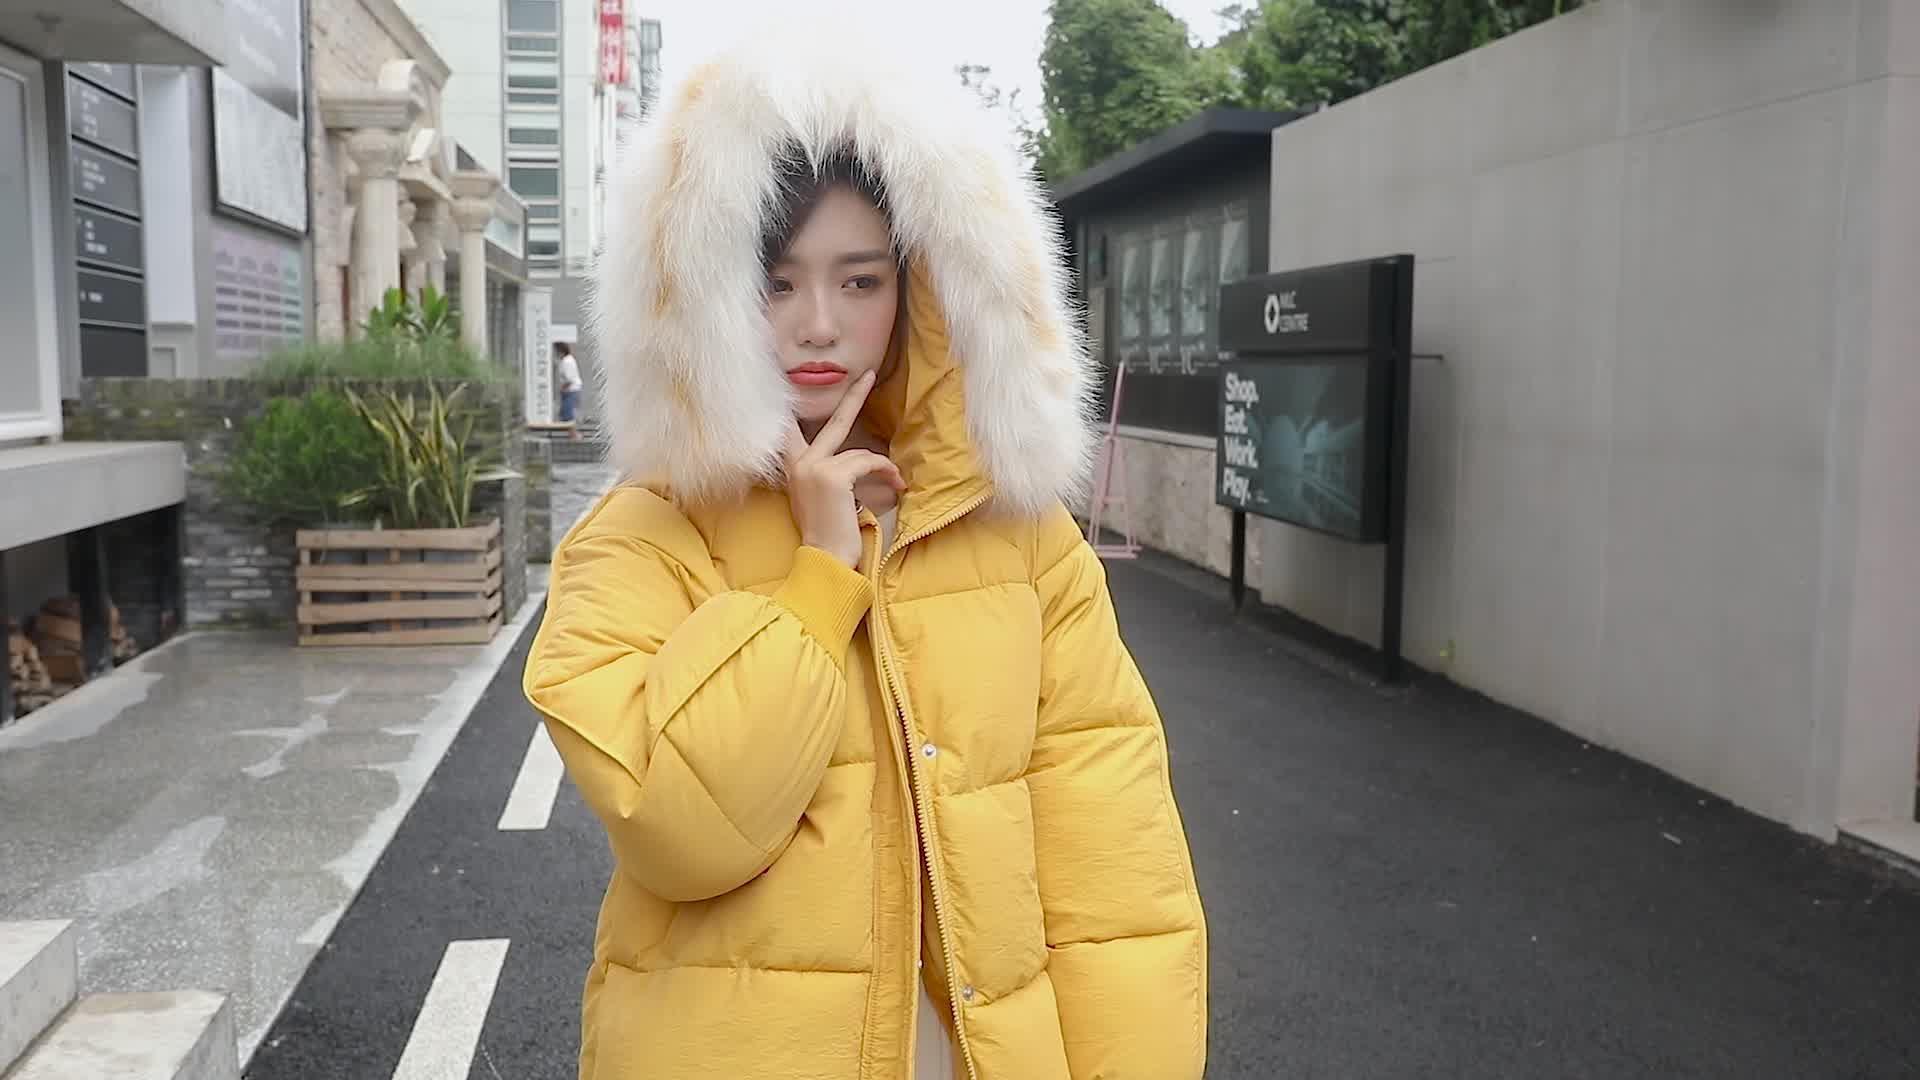 实拍2019新款冬季棉衣女韩版羽绒棉服宽松面包服东大门小棉袄外套